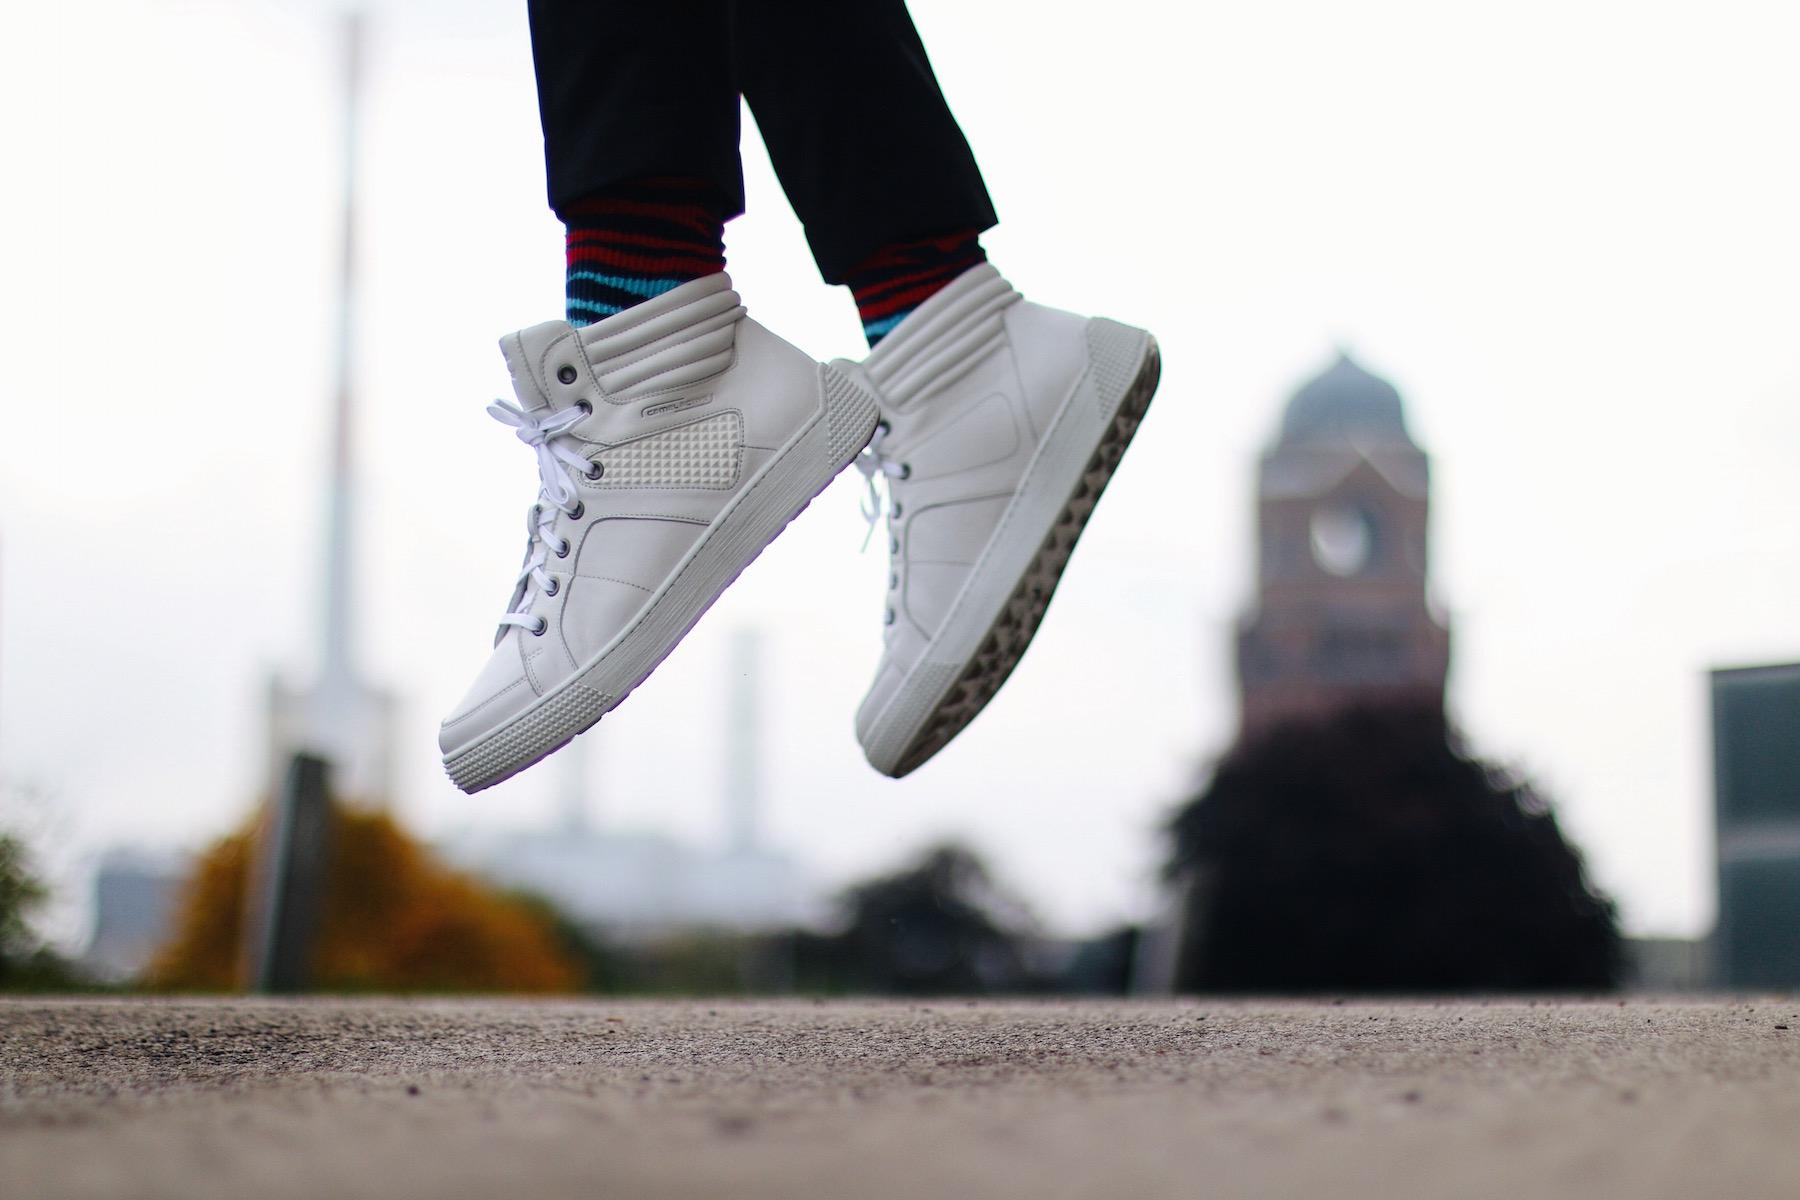 tendenze moda sneakers alte per uomo, scarpe autunno inverno bianche